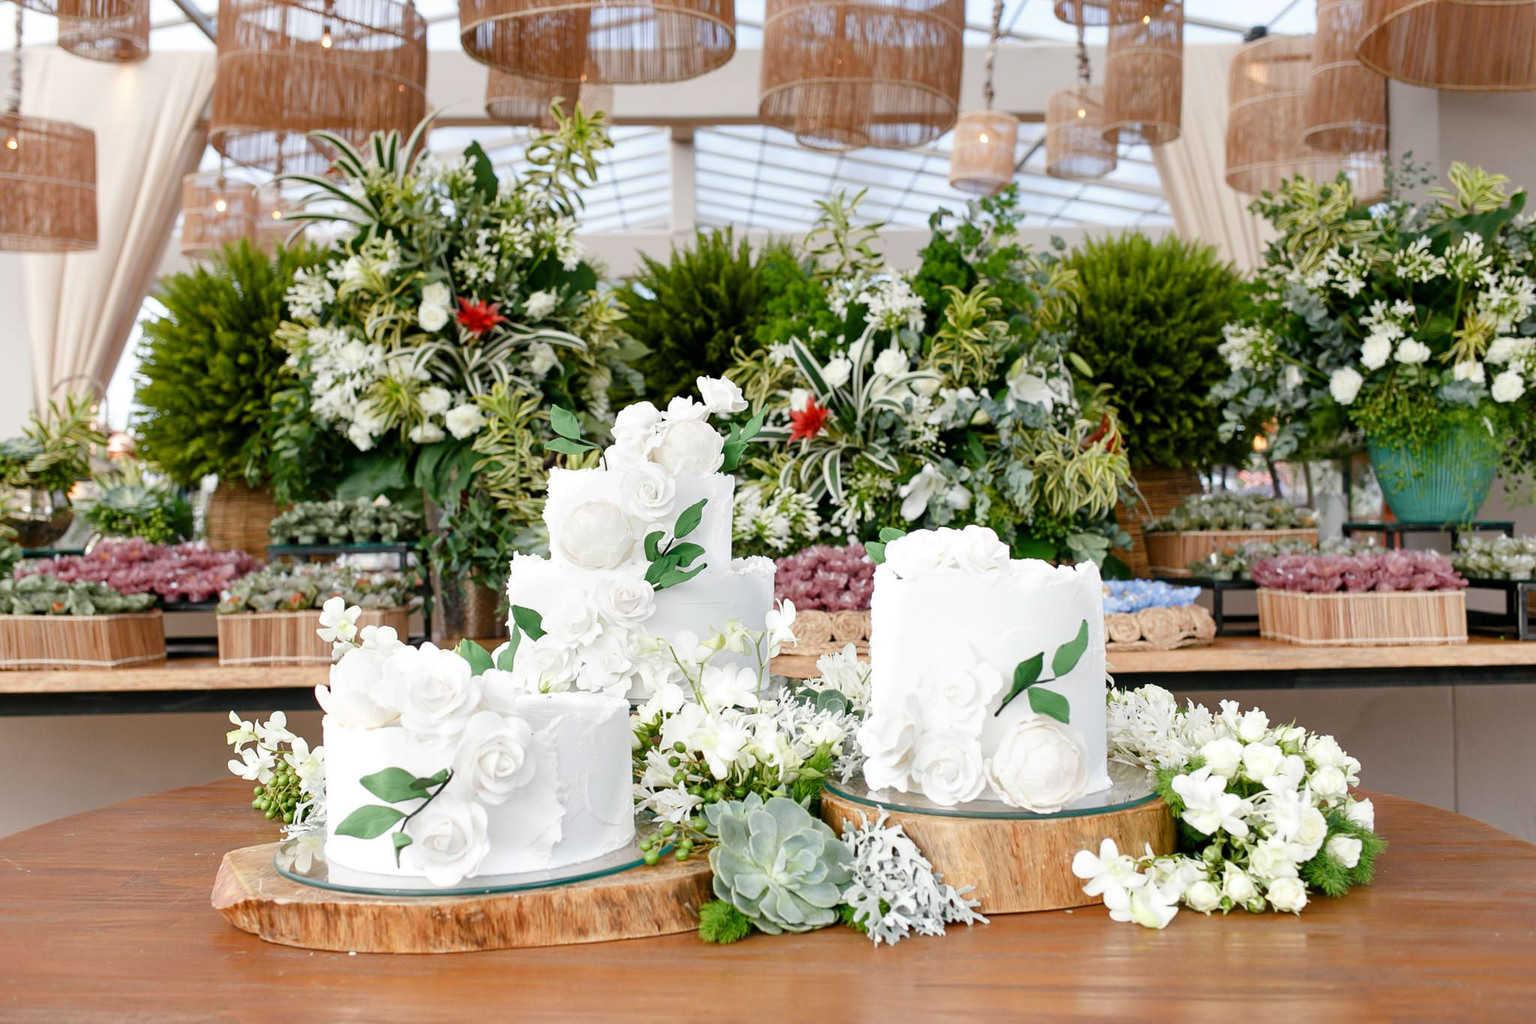 AL-Aline-e-Mauricio-bolo-de-casamento-capela-dos-milagres-casamento-casamento-na-praia-decoracao-de-casamento23-1